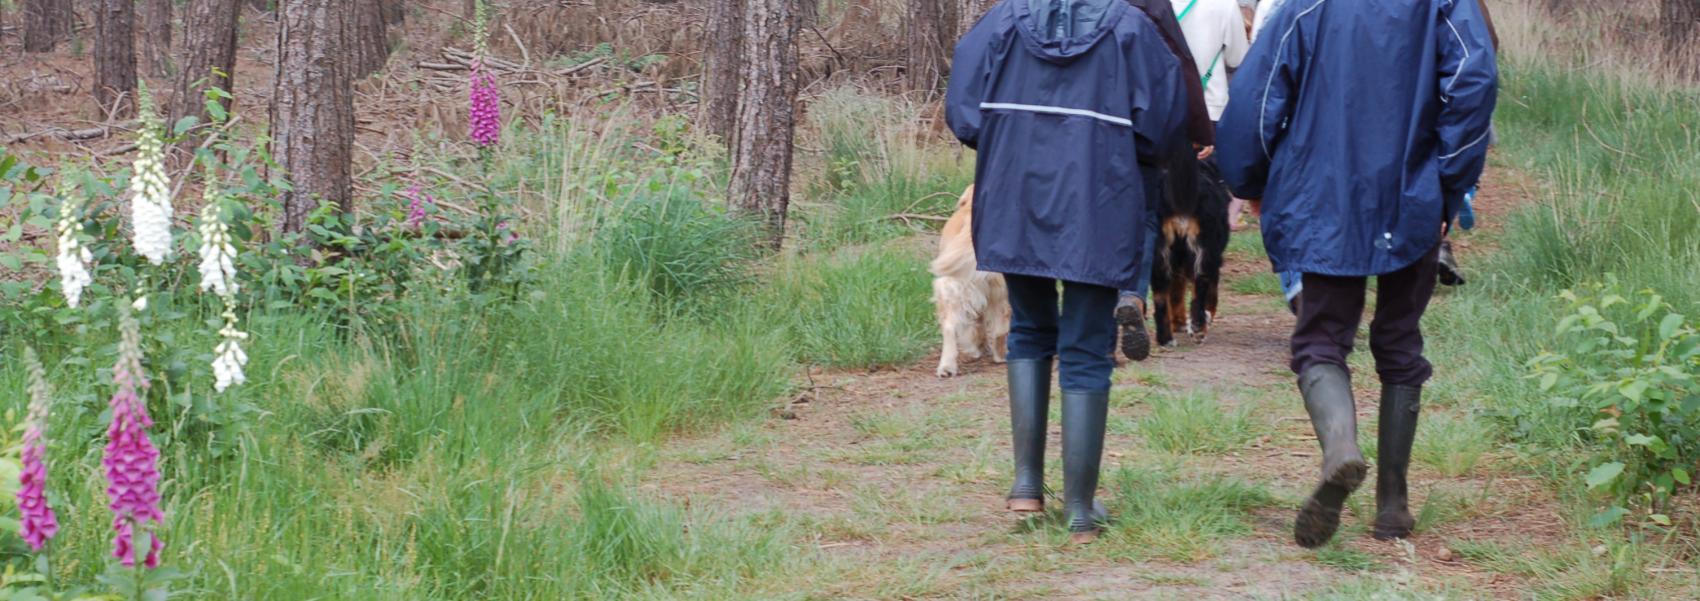 wandelaars in eksterheide